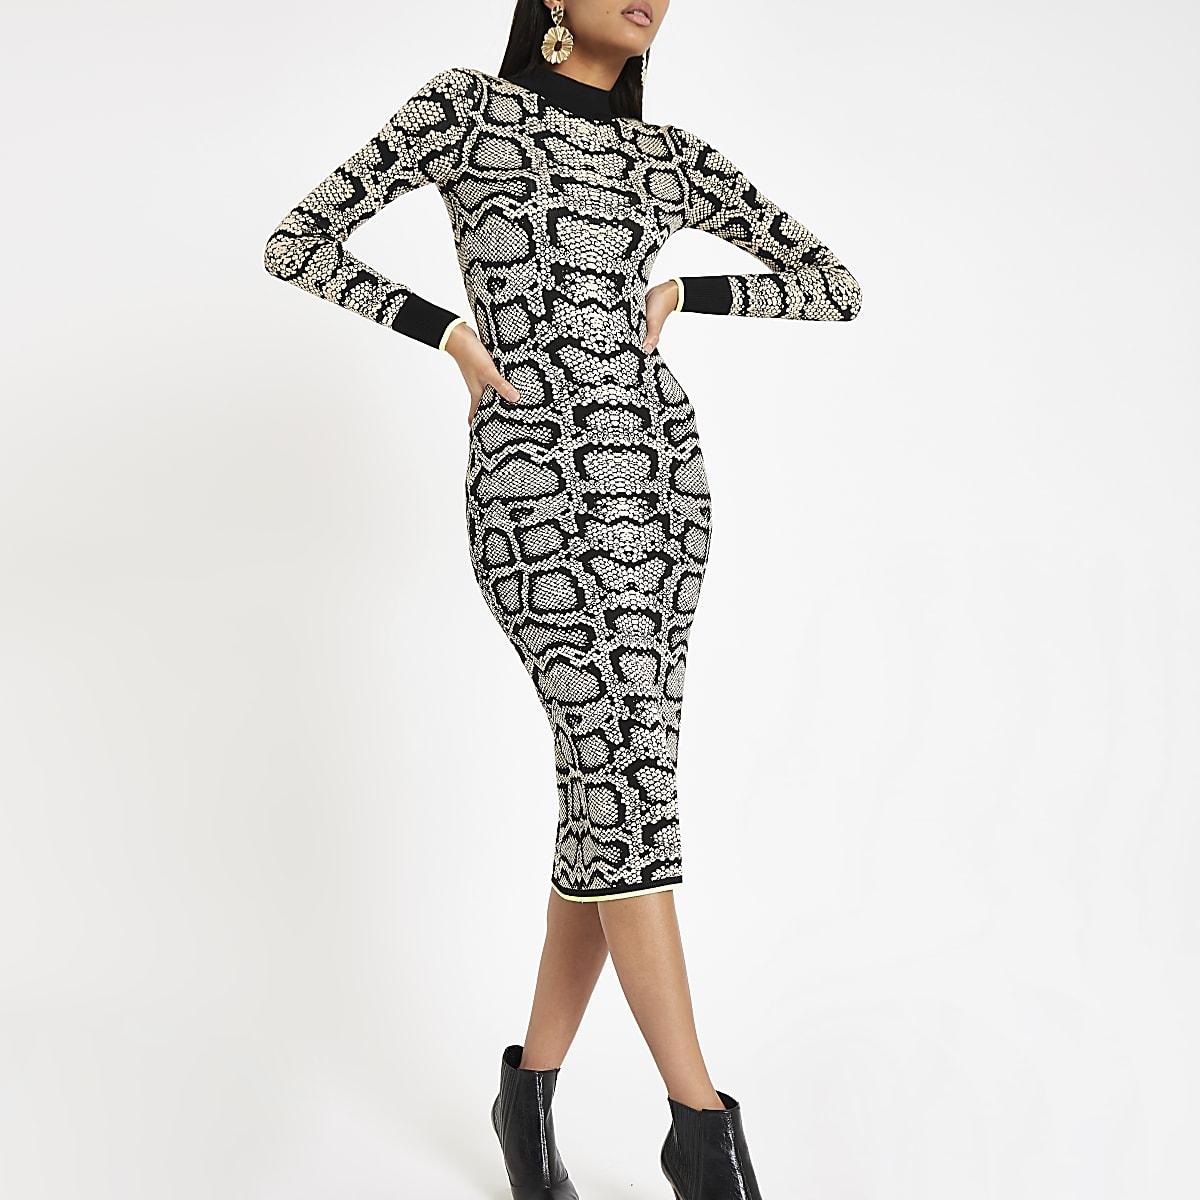 ef3b200ad1c308 Bruine hoogsluitende strakke jurk met slangenleerprint Bruine hoogsluitende  strakke jurk met slangenleerprint ...